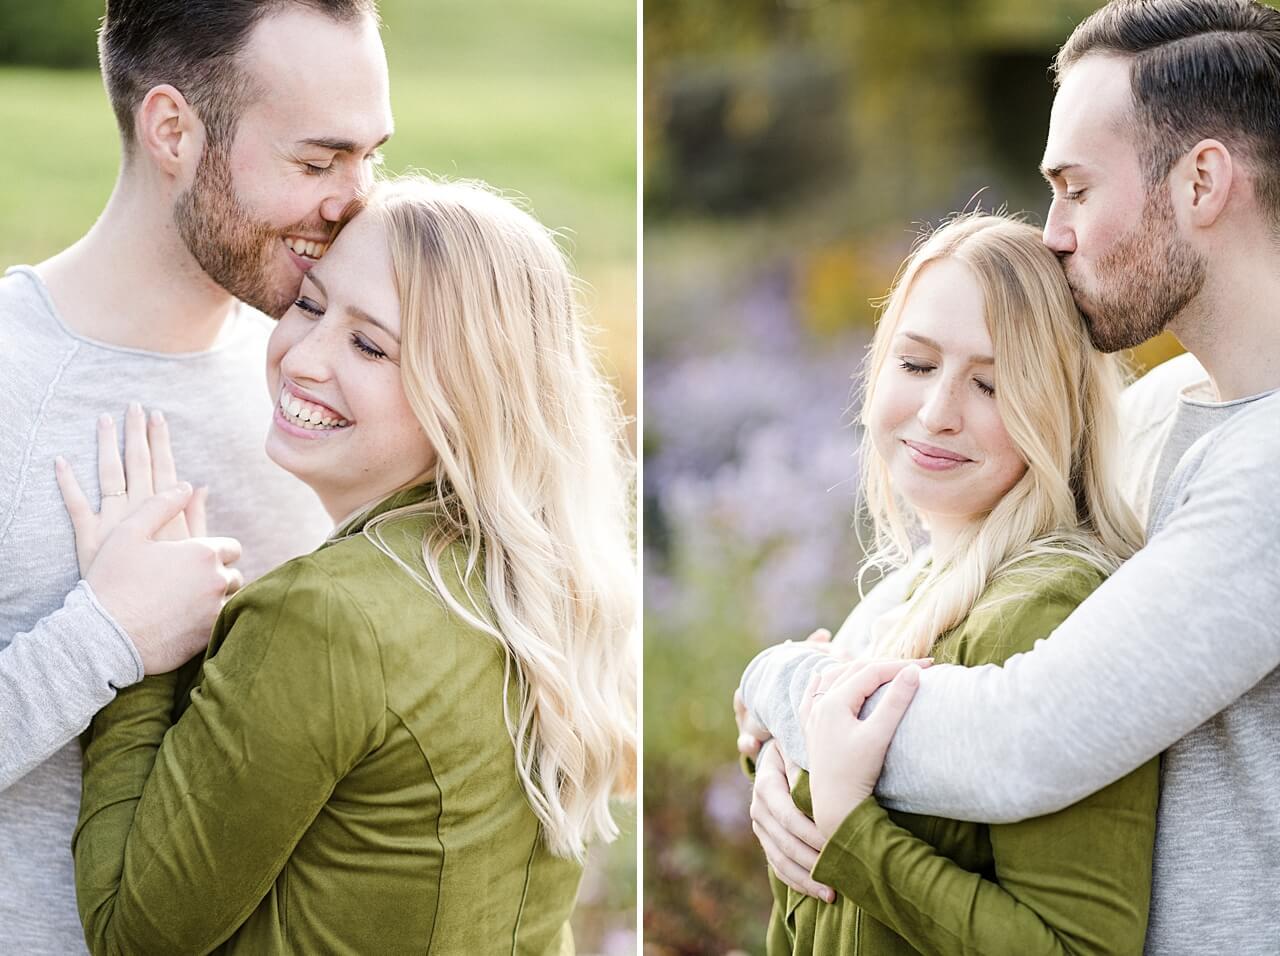 Rebecca Conte Fotografie: Verlobungsbilder bei Herbstwetter 17